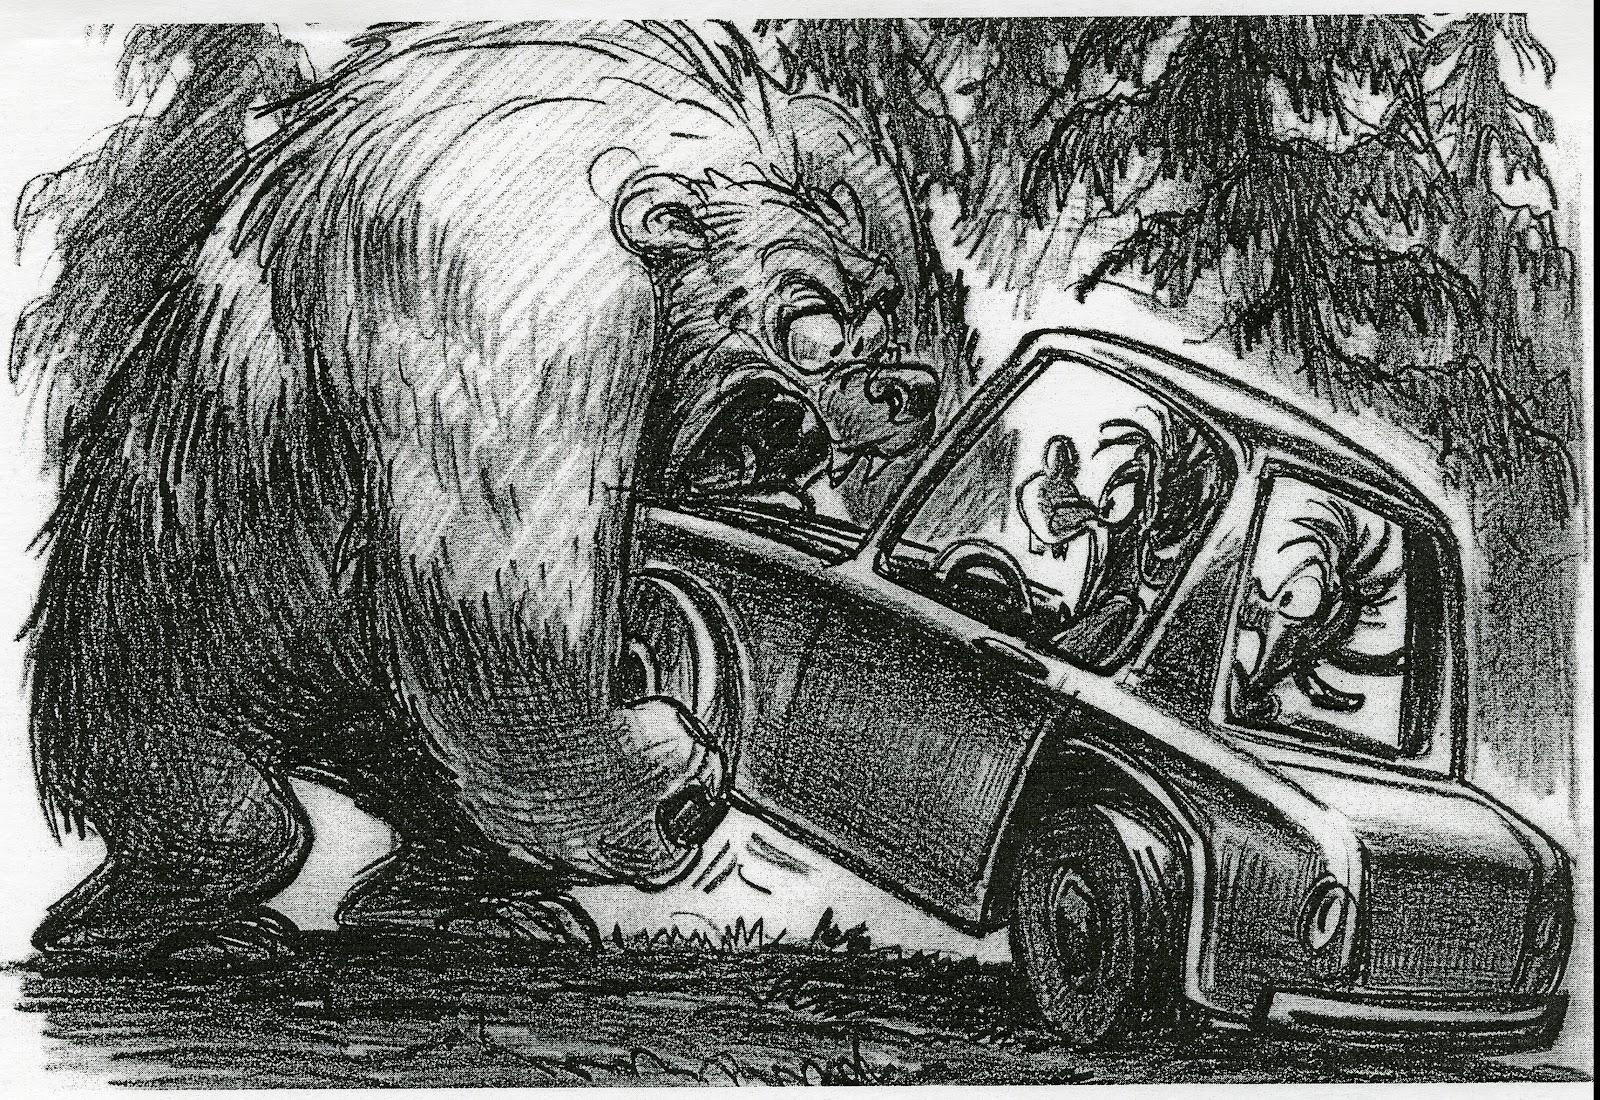 Disneyu0027s A Goofy Movie   Storyboard By Andy Gaskill   11